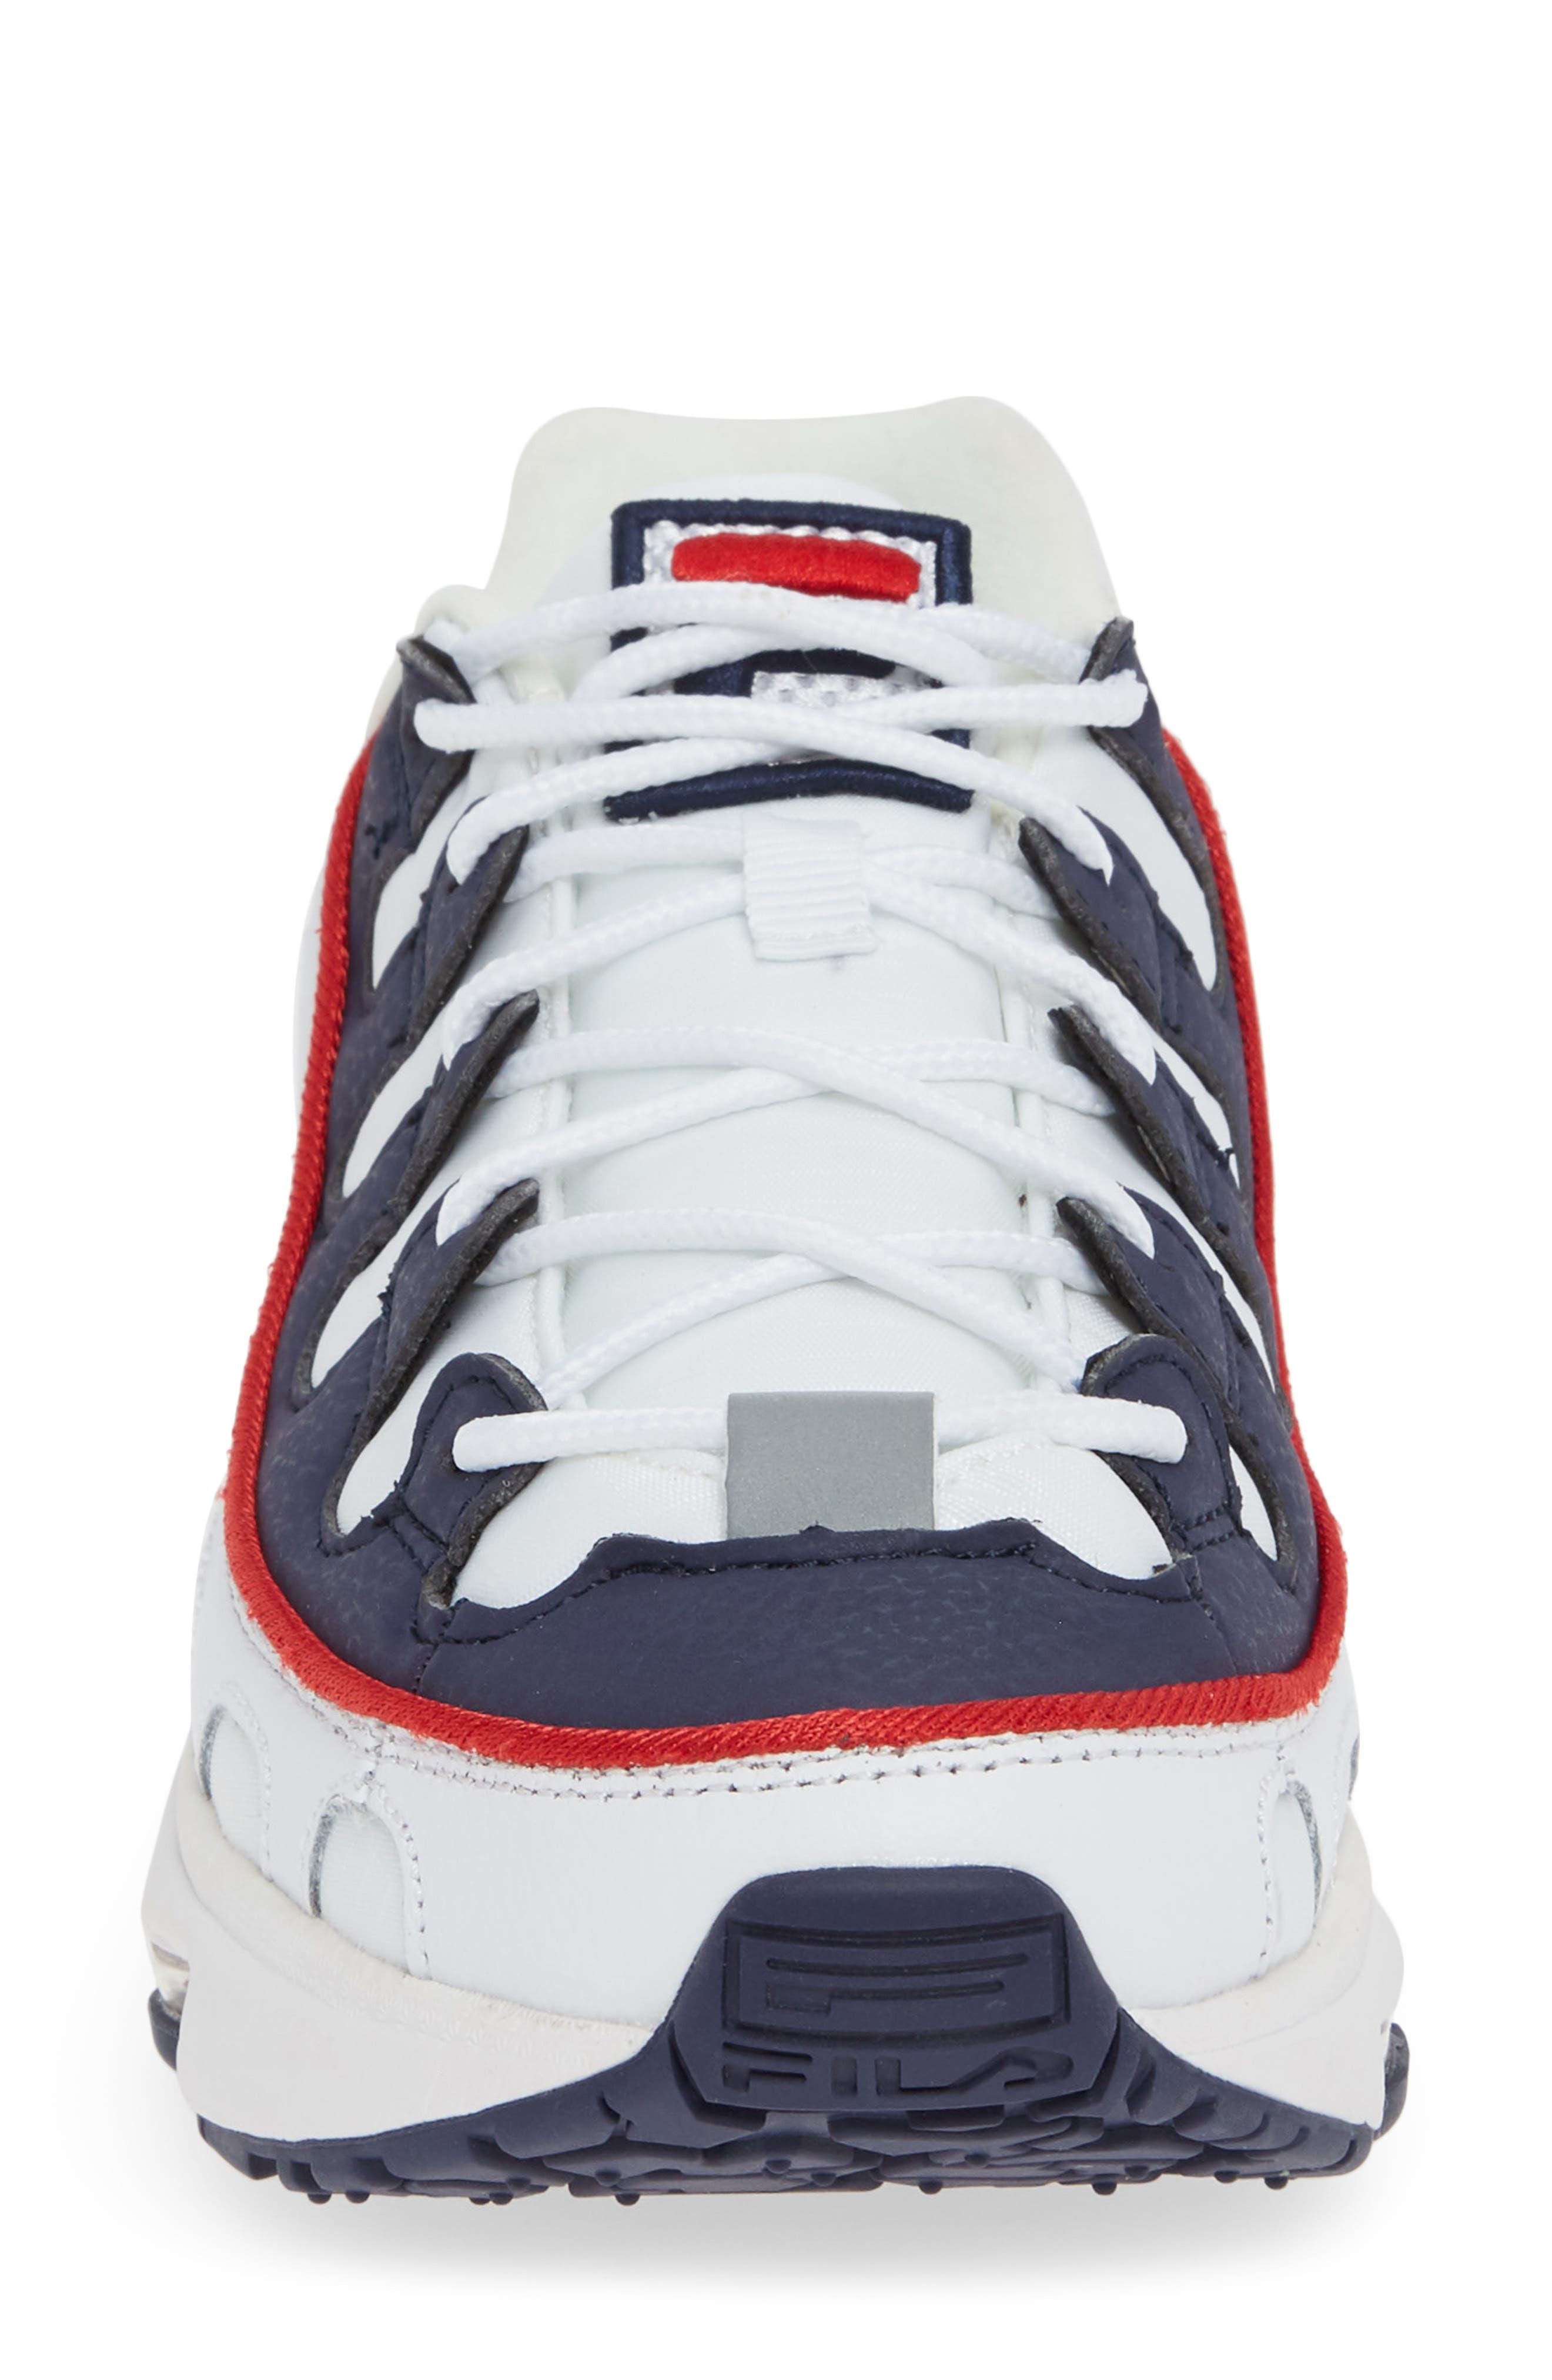 Silva Trainer Sneaker,                             Alternate thumbnail 4, color,                             WHITE/ NAVY/ RED